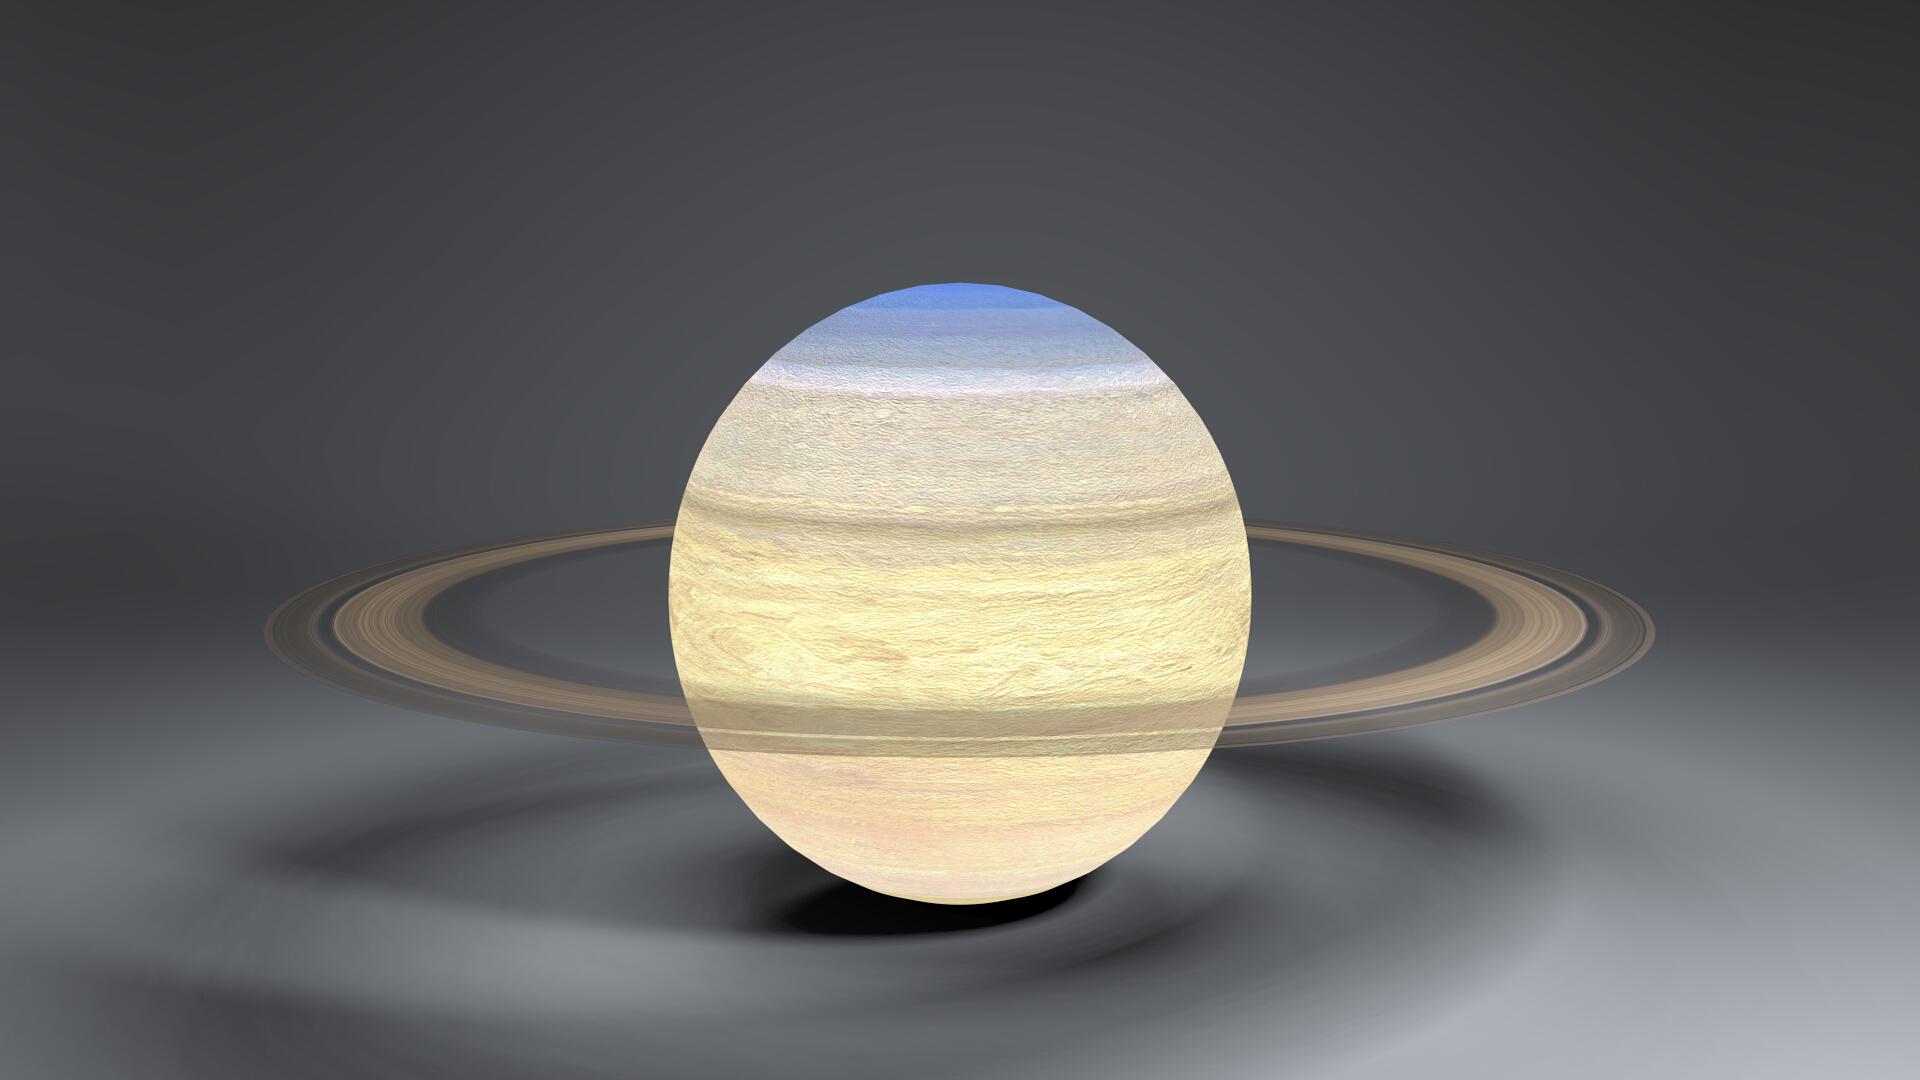 saturn 4k globe 3d model 3ds fbx blend dae obj 269053